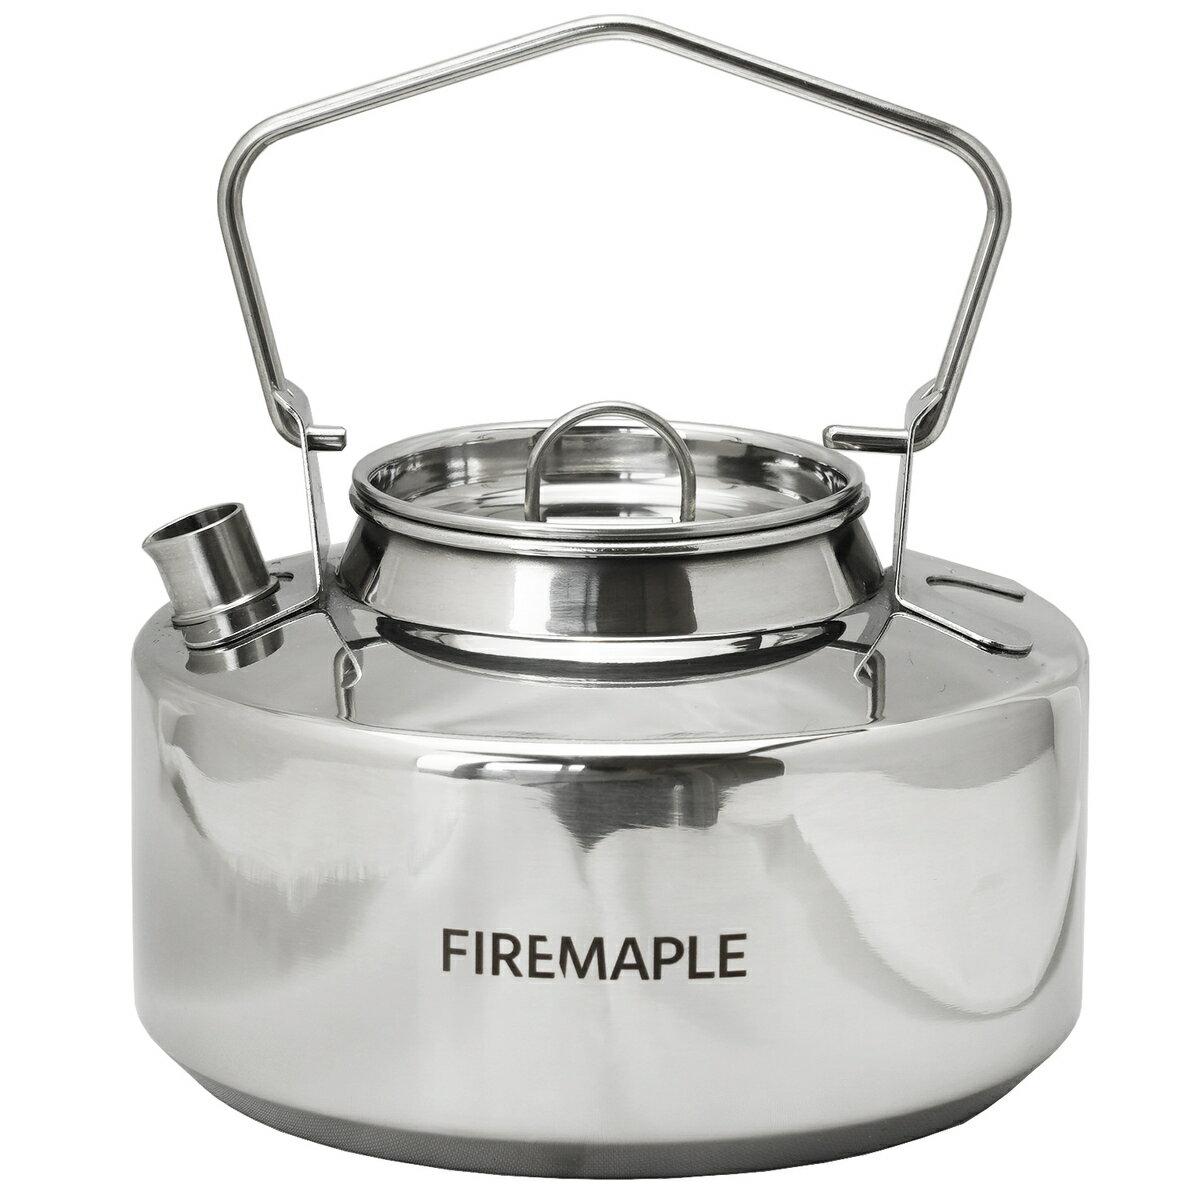 Fire-Maple ANTARCTI ステンレスケトル